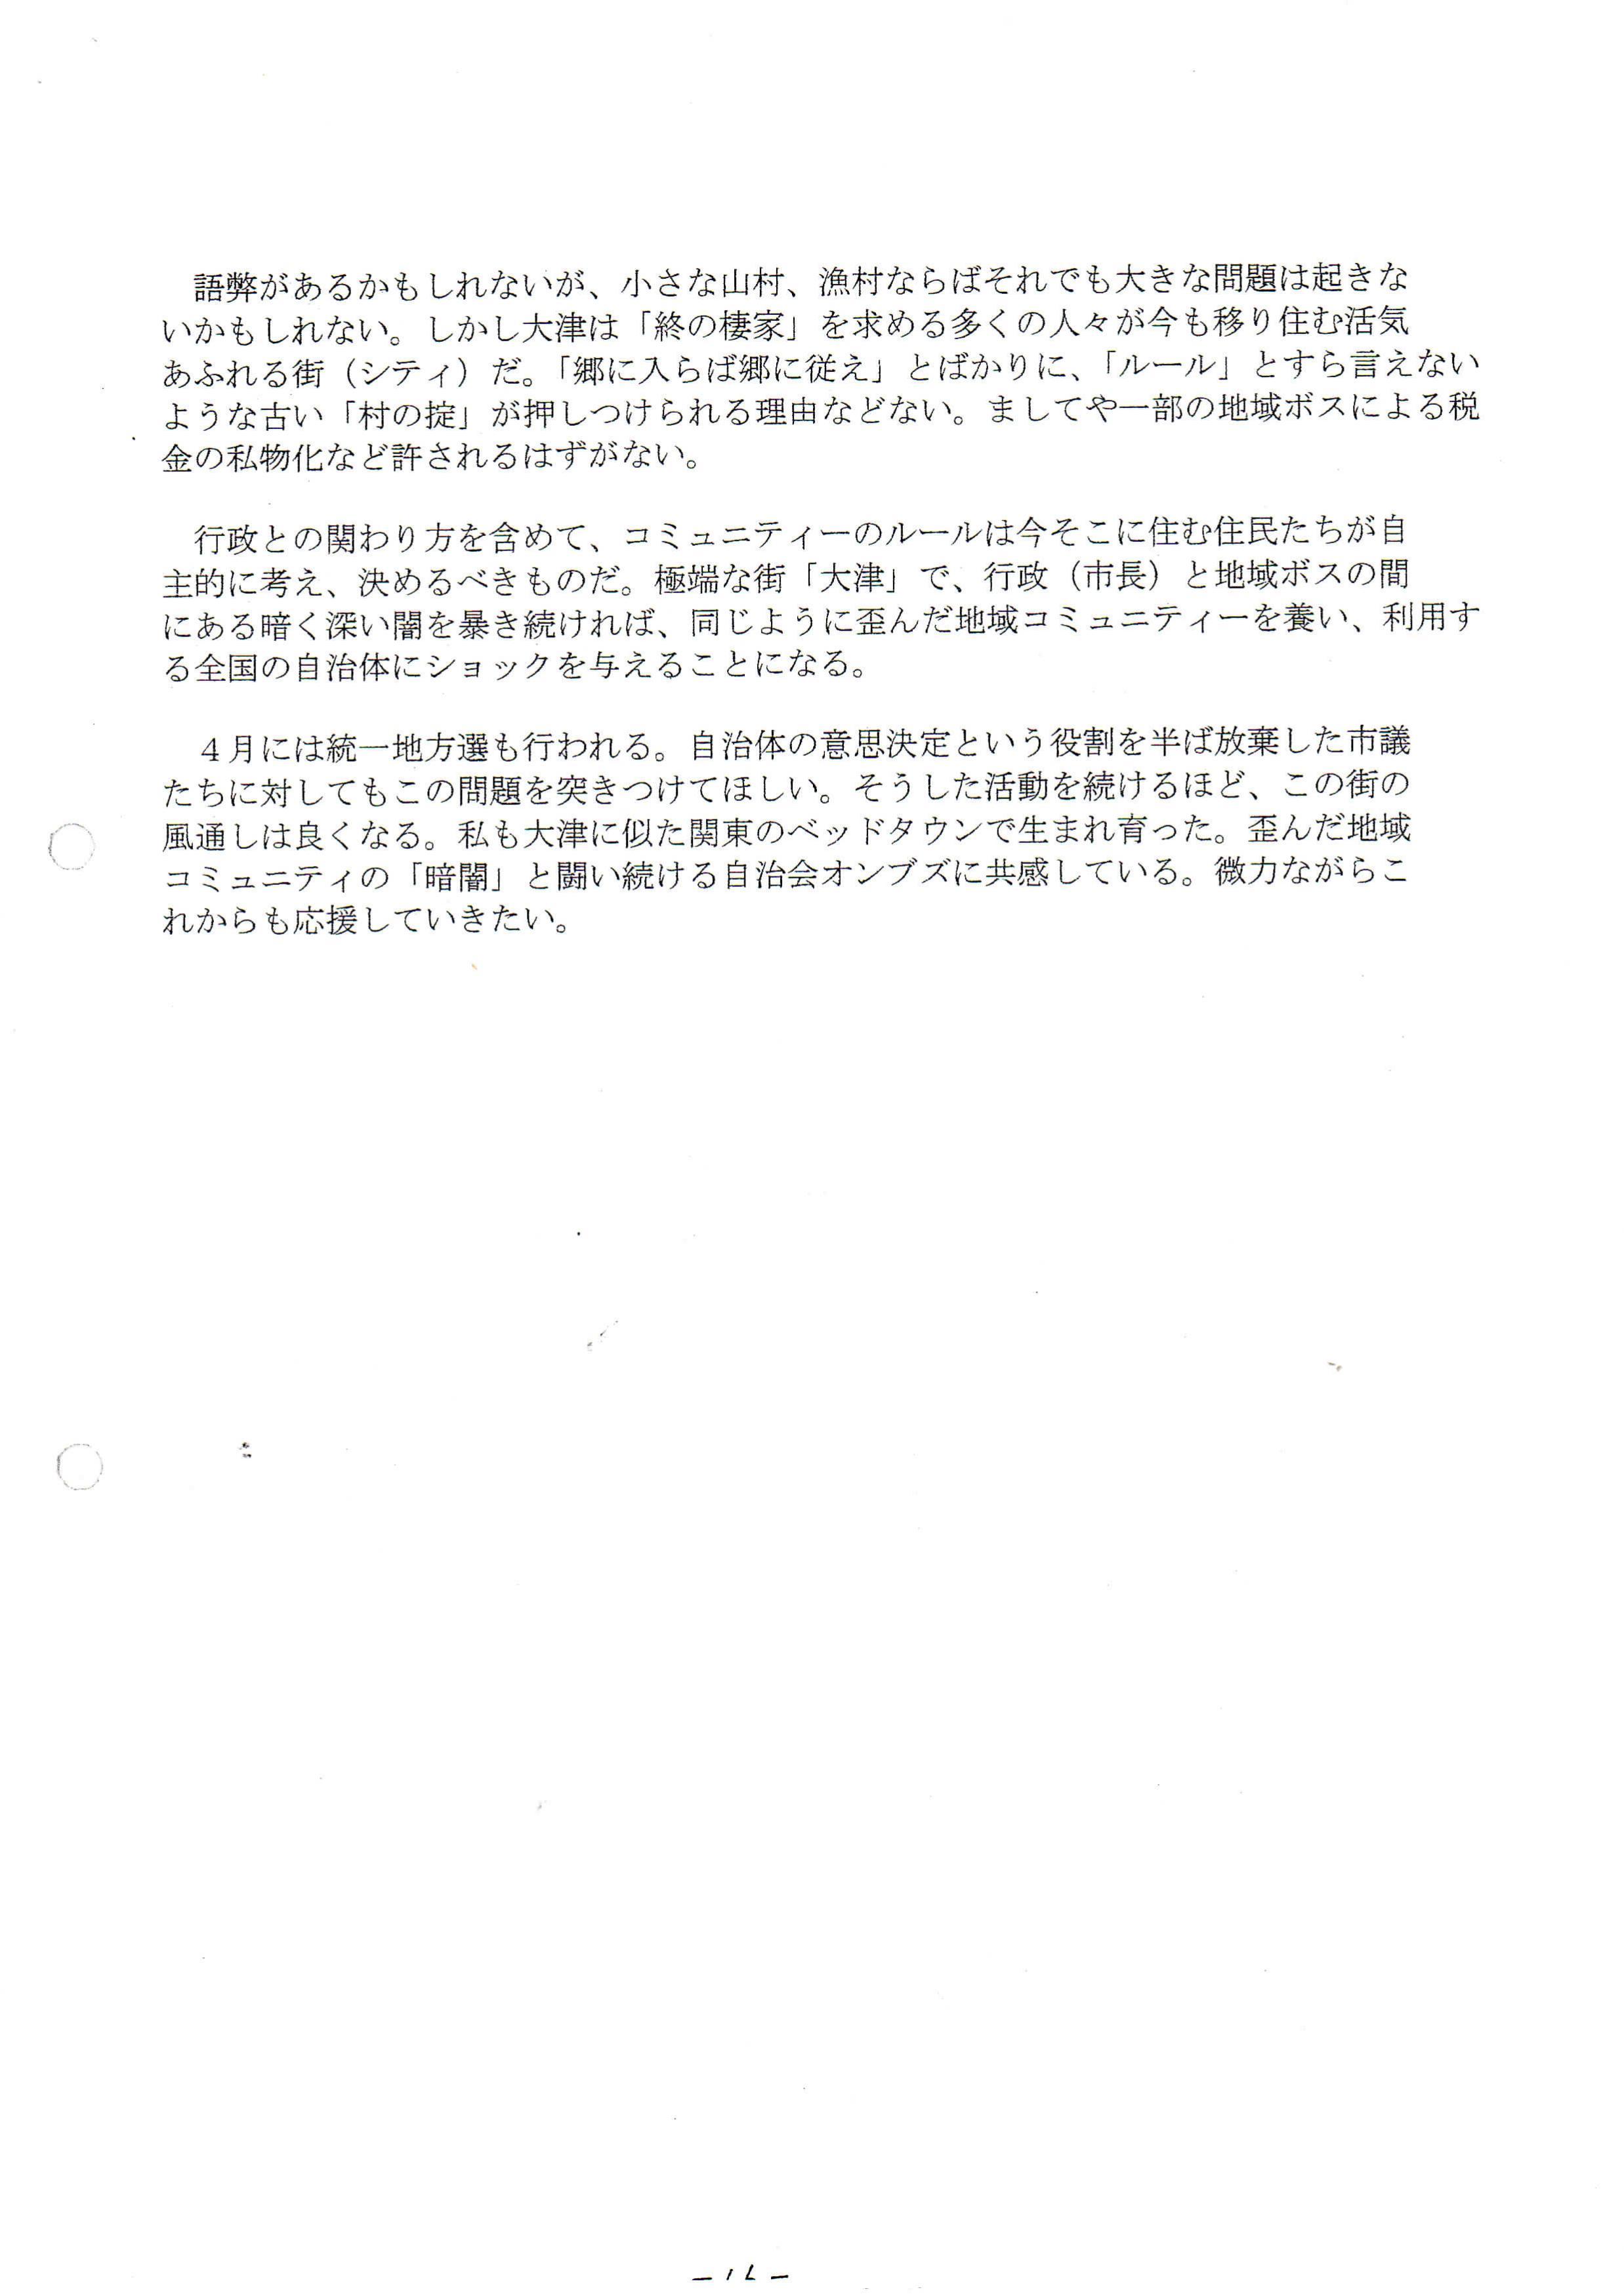 2003年3月9日しが自治会オンブズパーソン/毎日新聞の日野記者寄稿文②_01